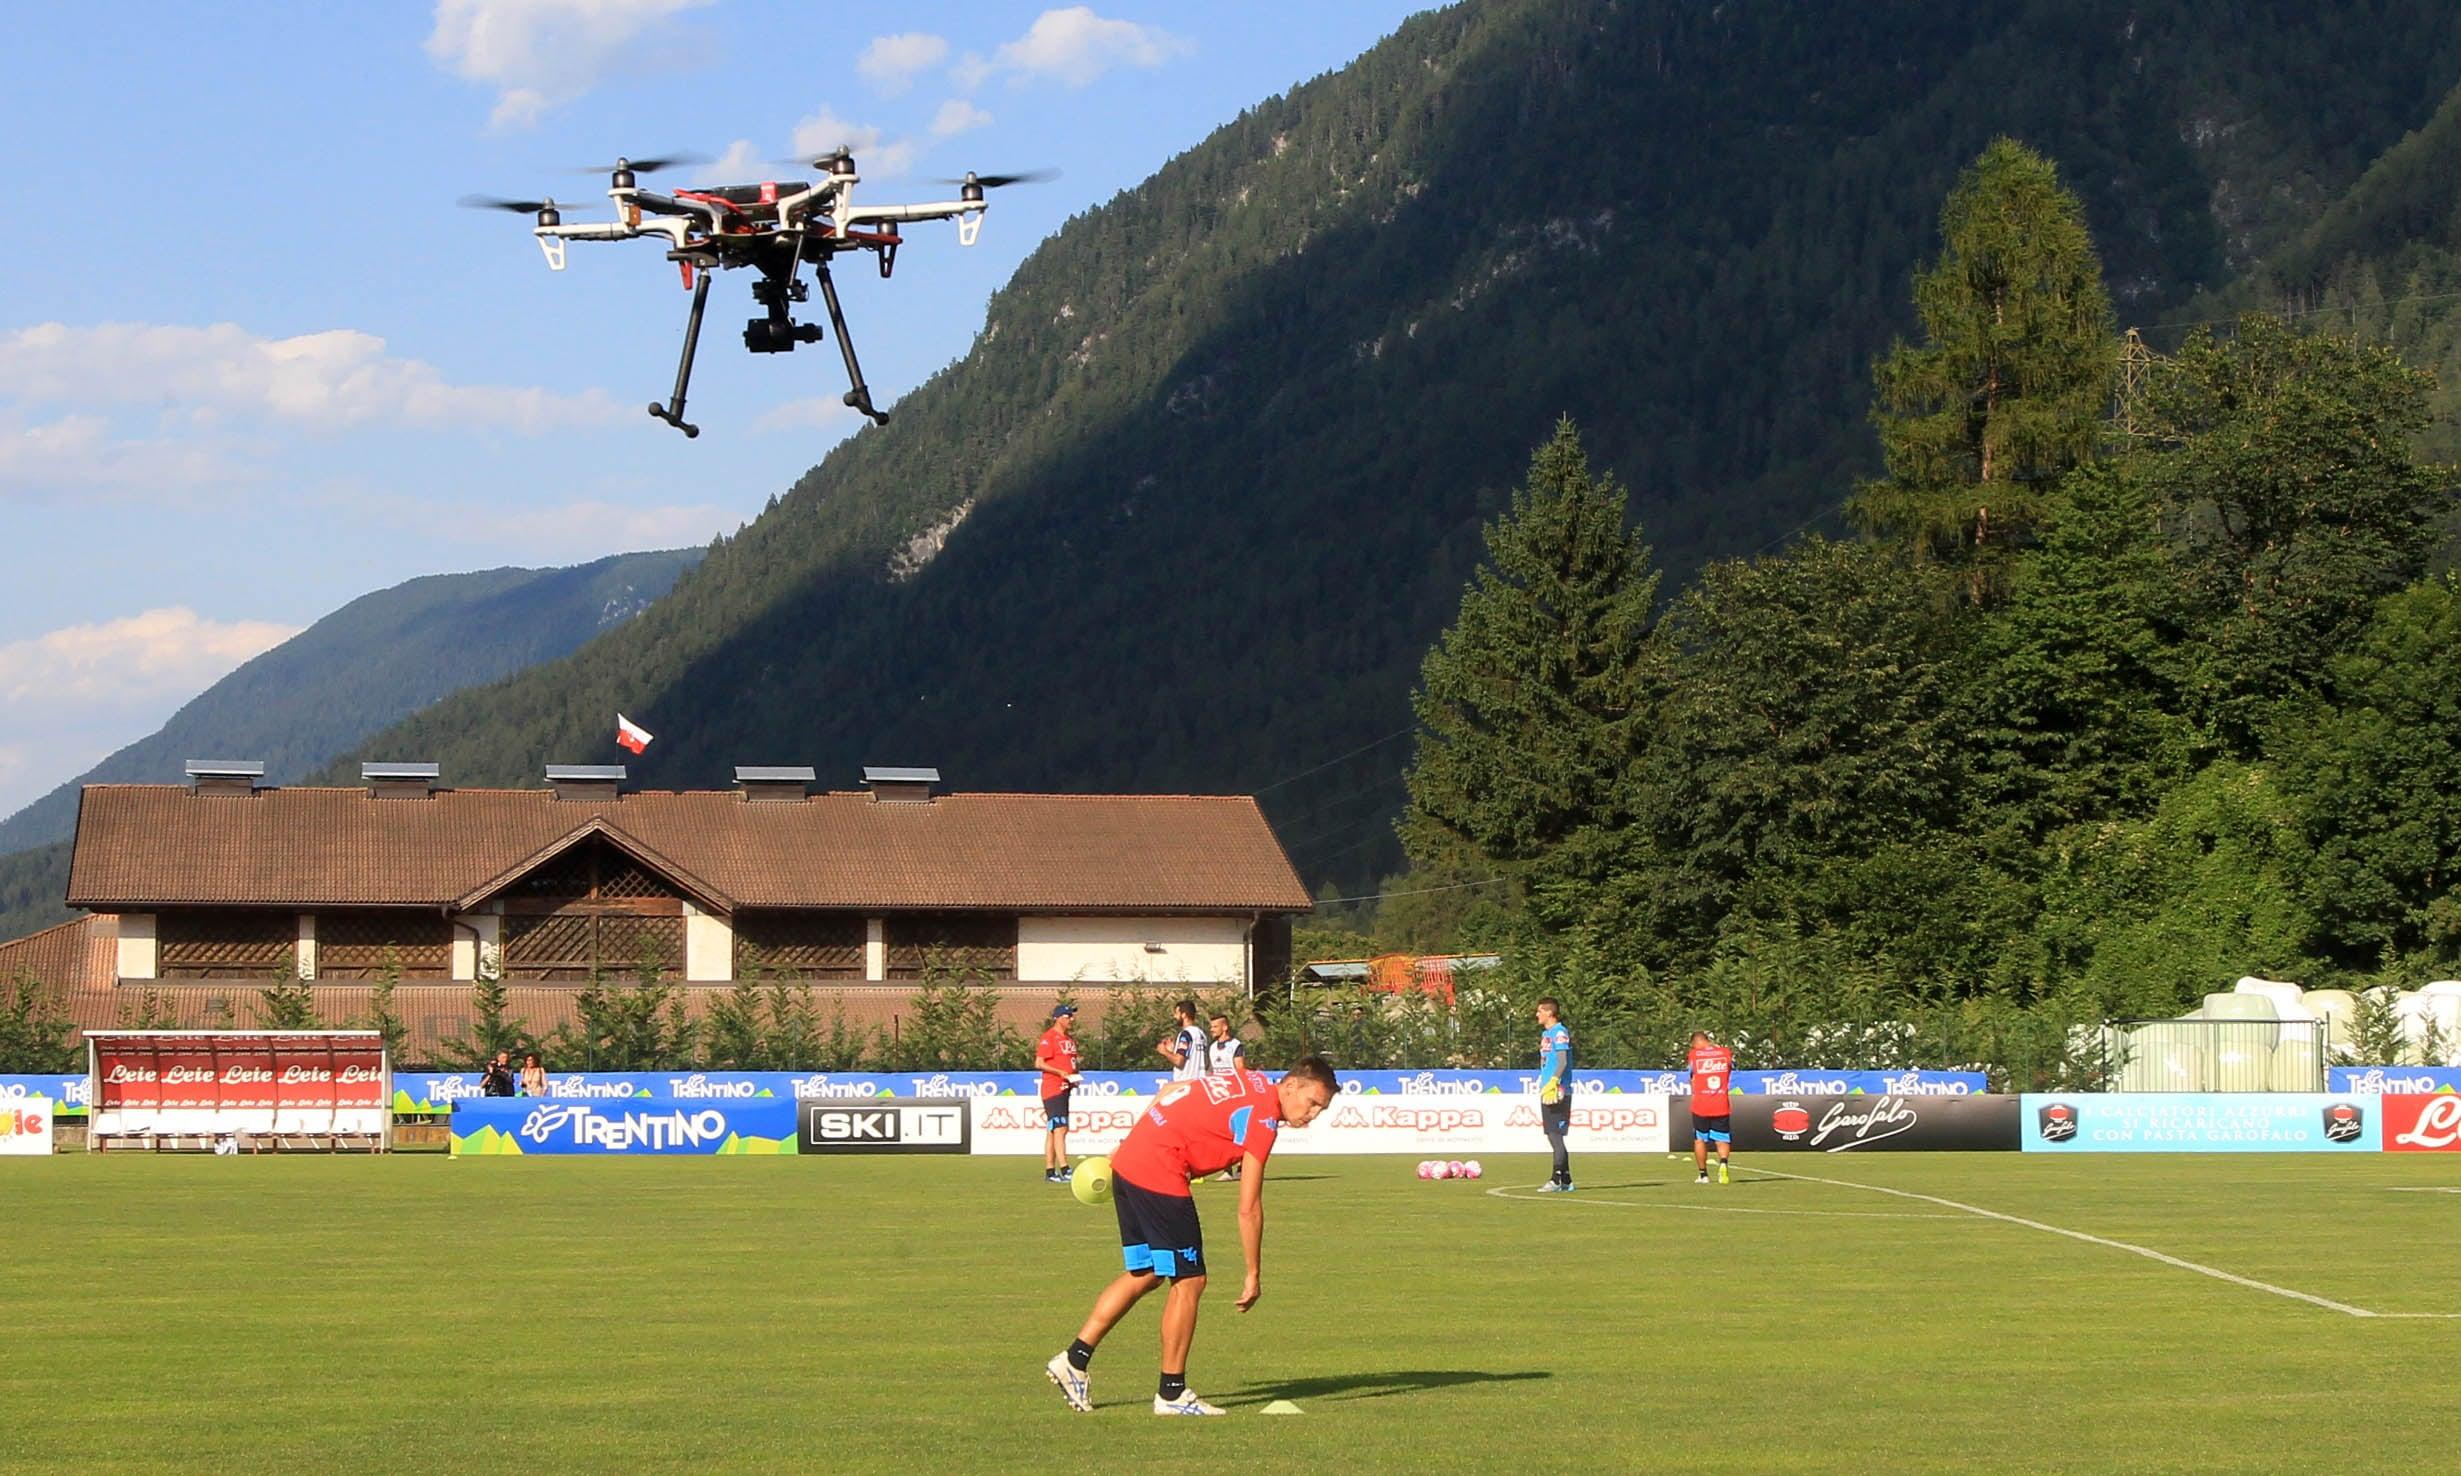 Inter e Napoli, ora è passione drone per studiare gli allenamenti